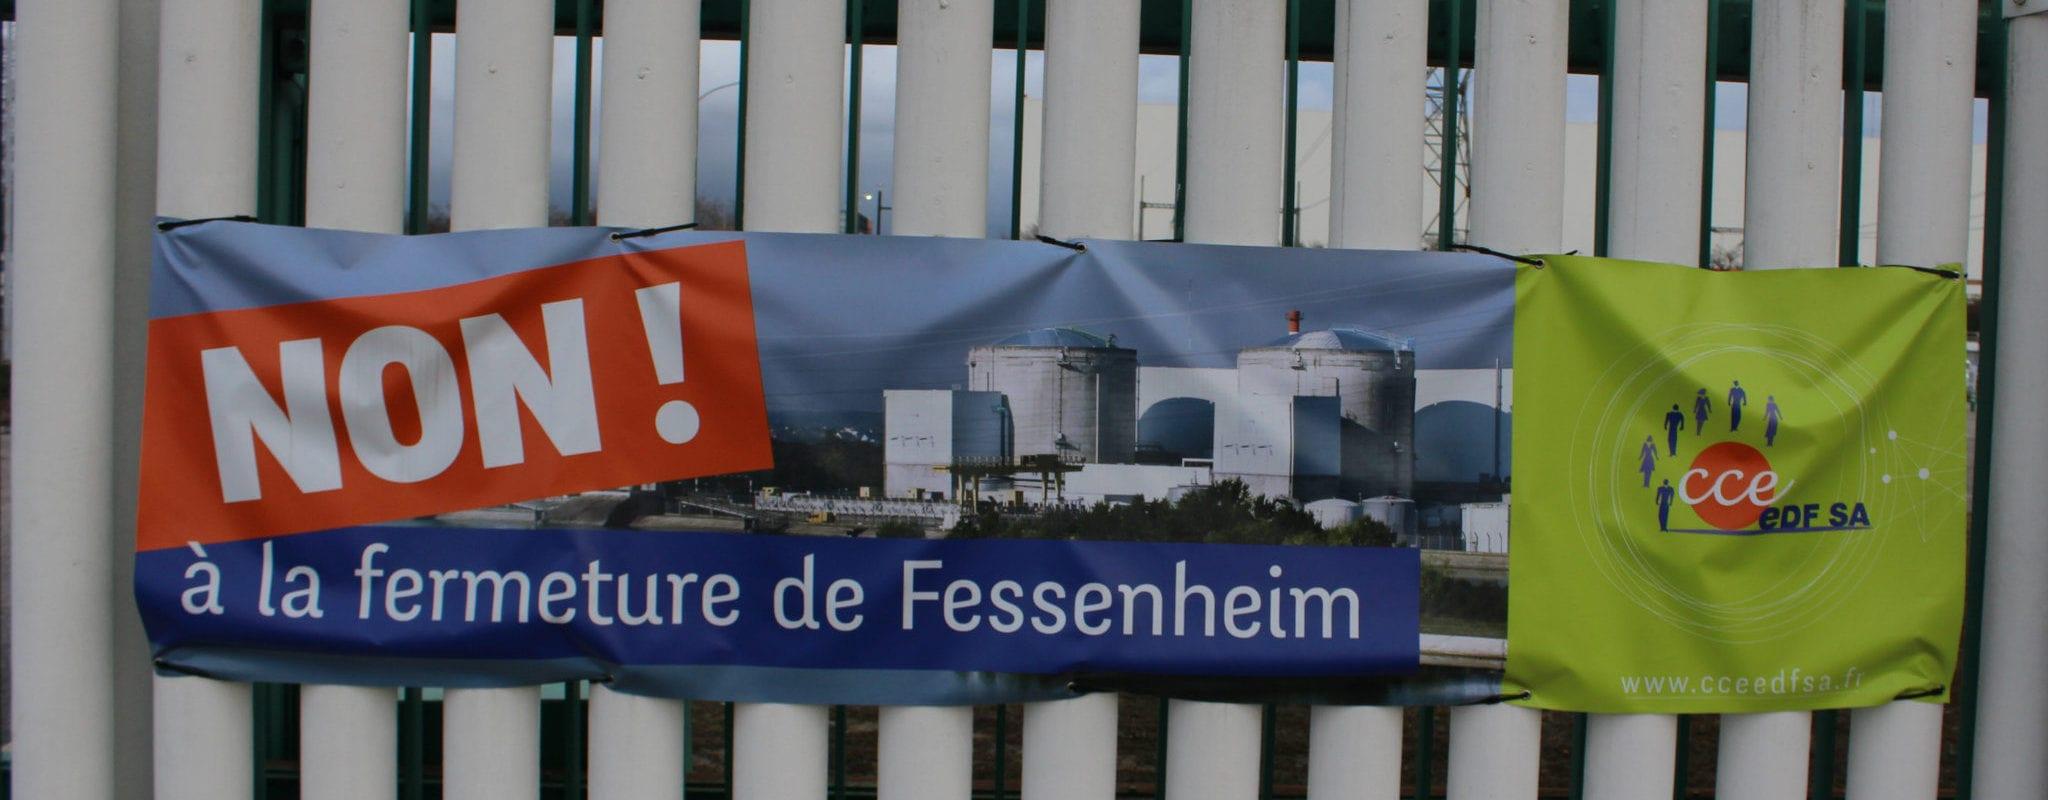 La fermeture de la centrale de Fessenheim à nouveau décalée d'un an